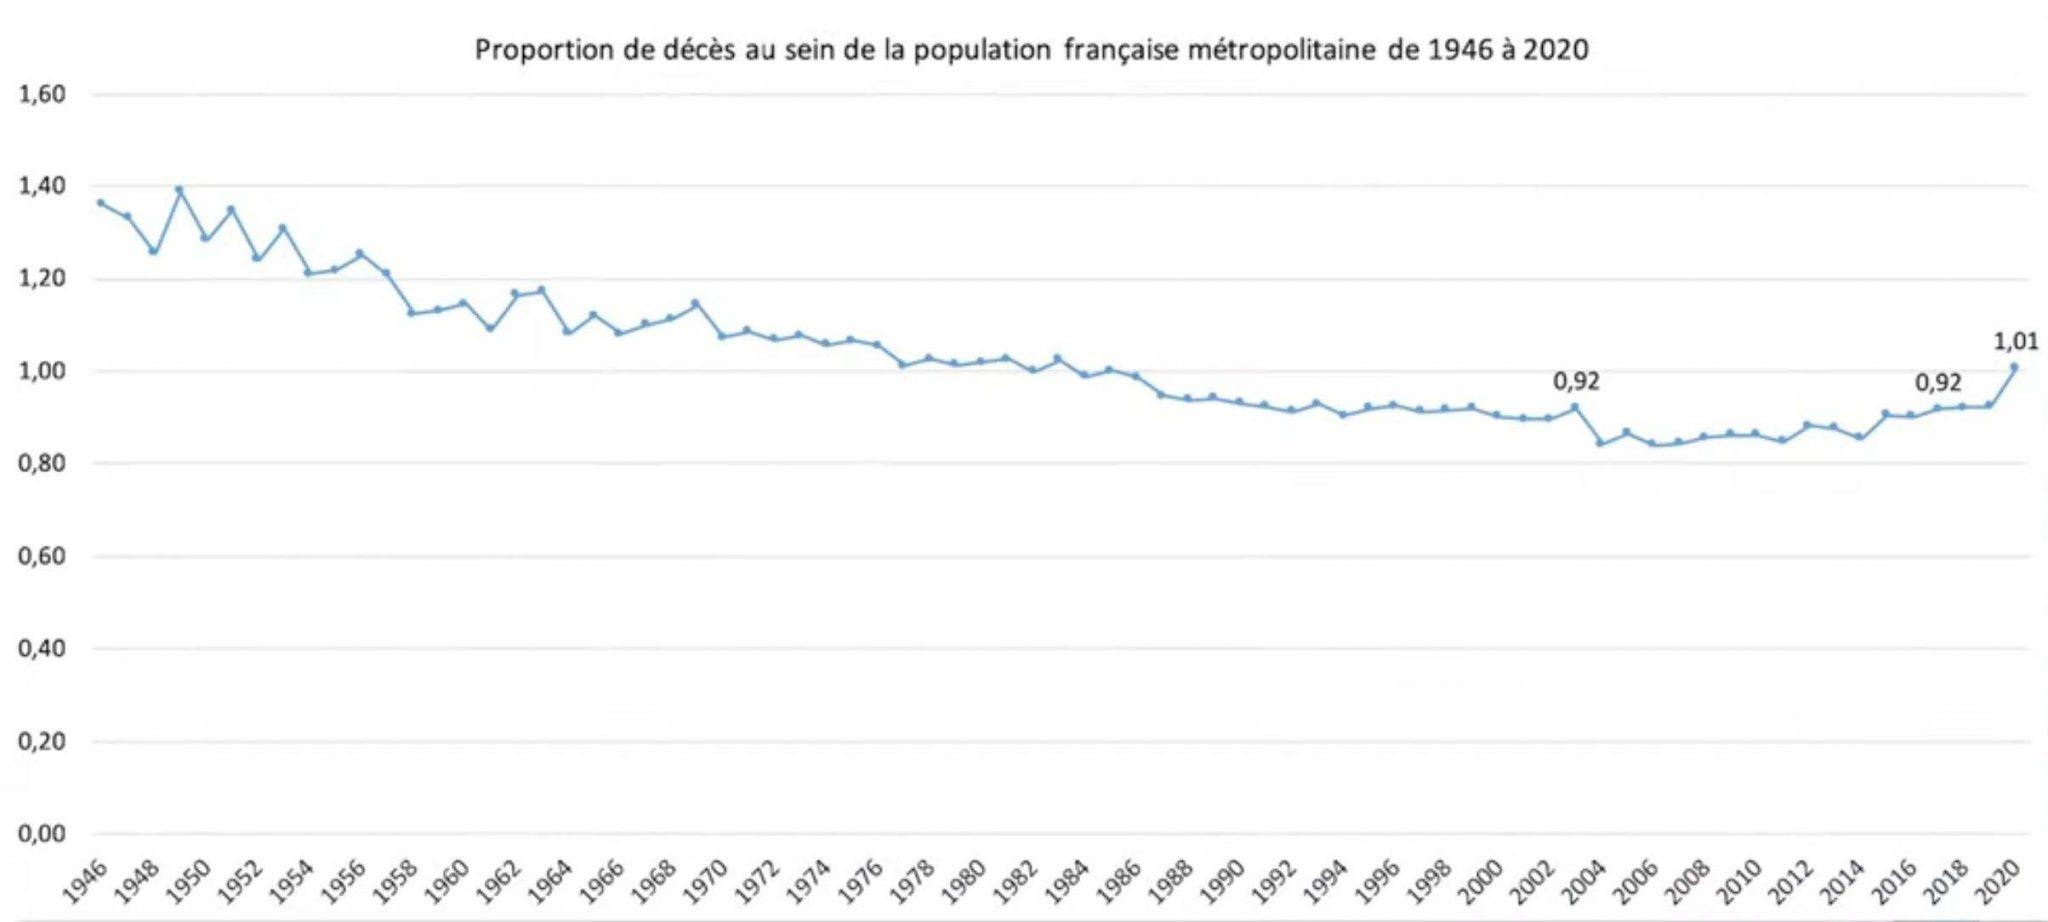 Proportions des décès en France 1946-2020 - Source INSEE par Pr Raoult